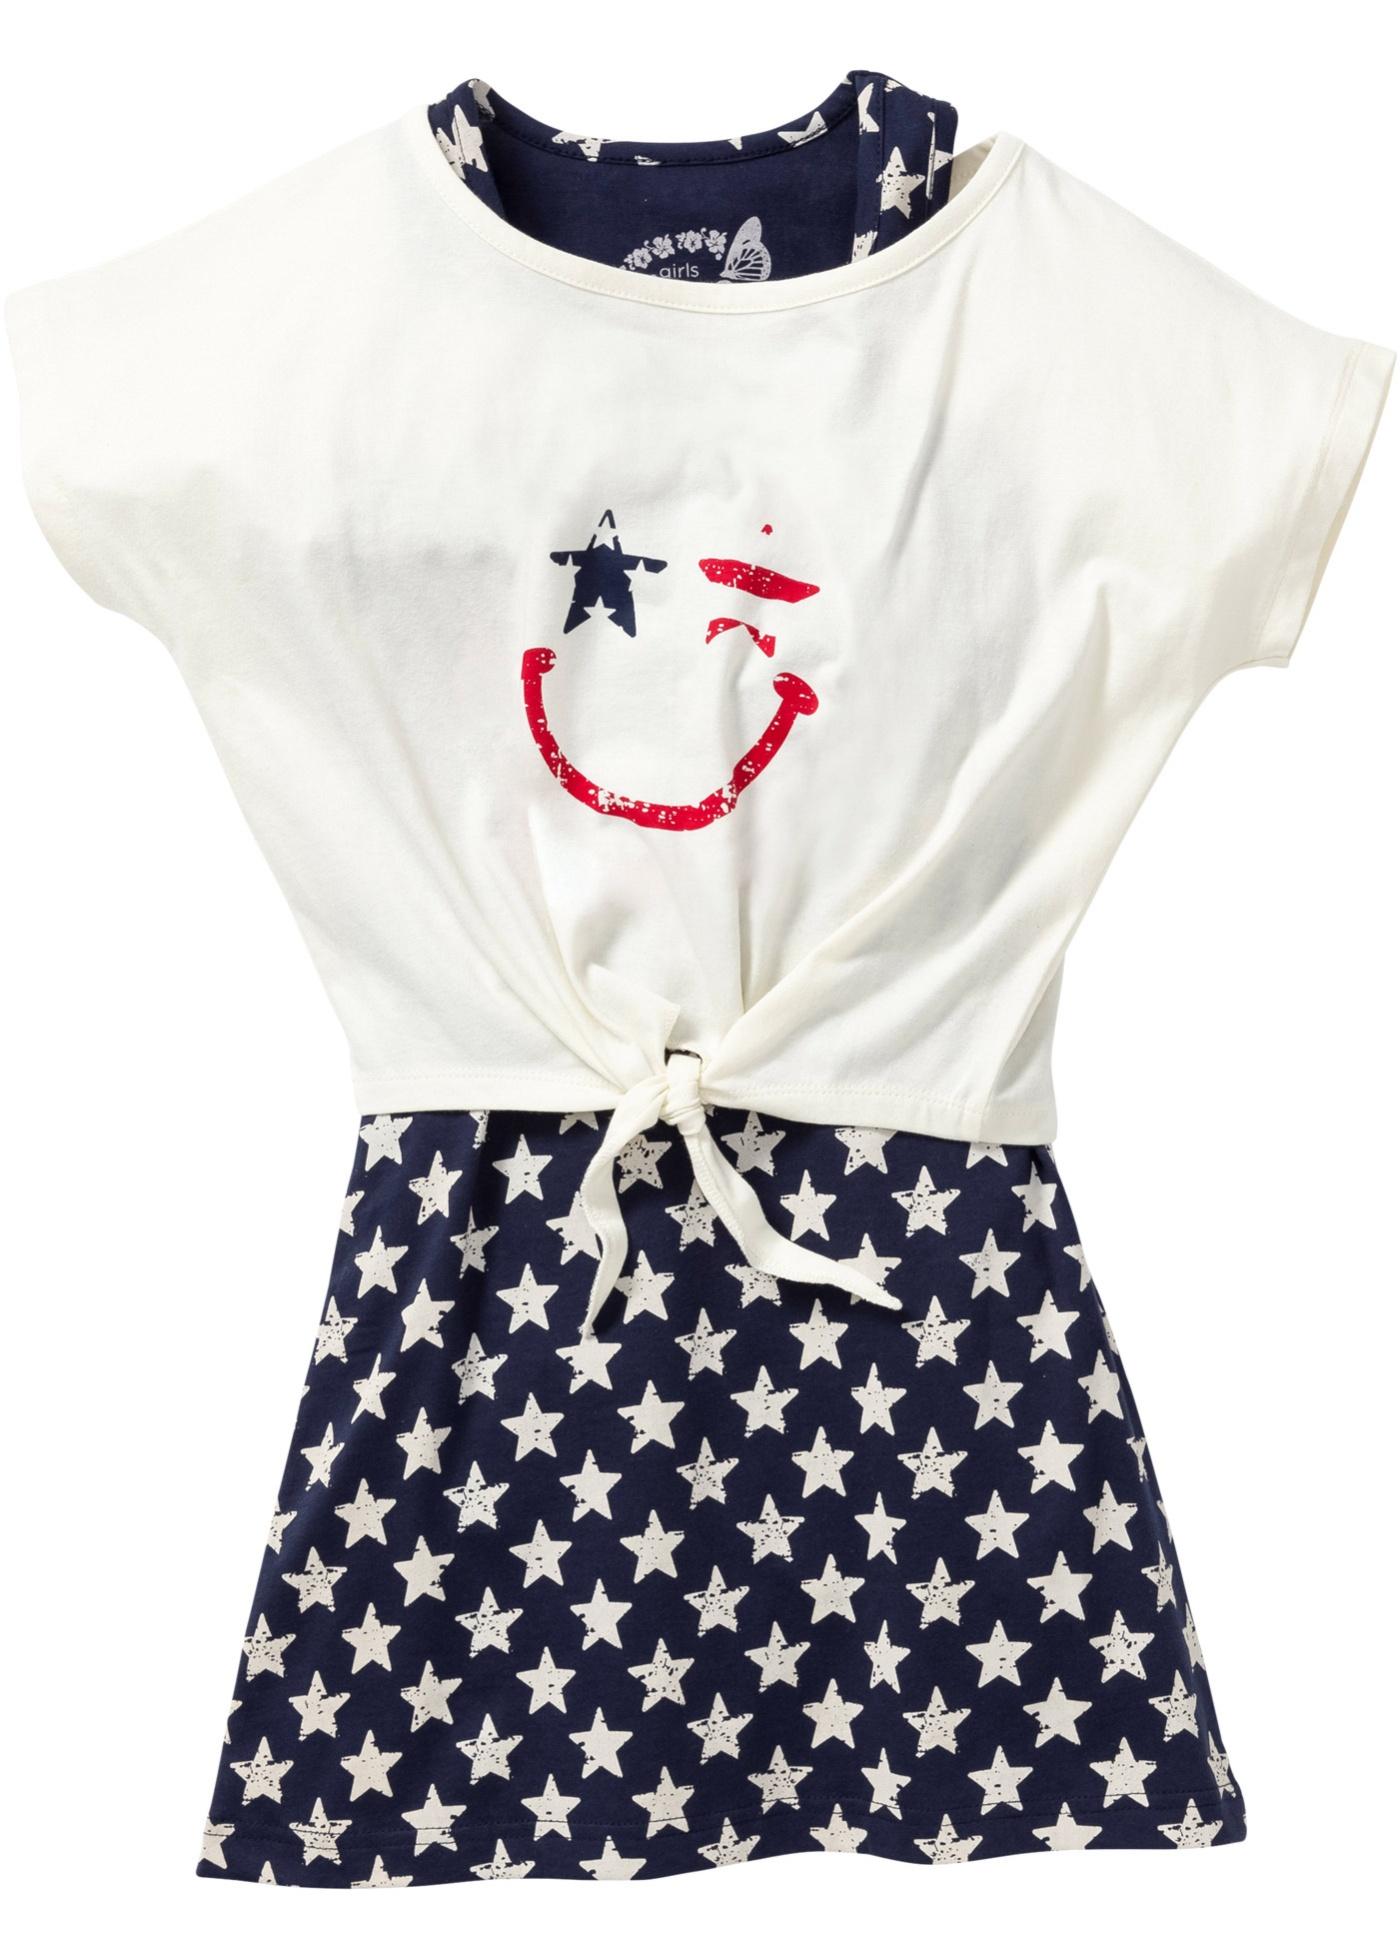 Trikotkjole + T-shirt (2 deler)